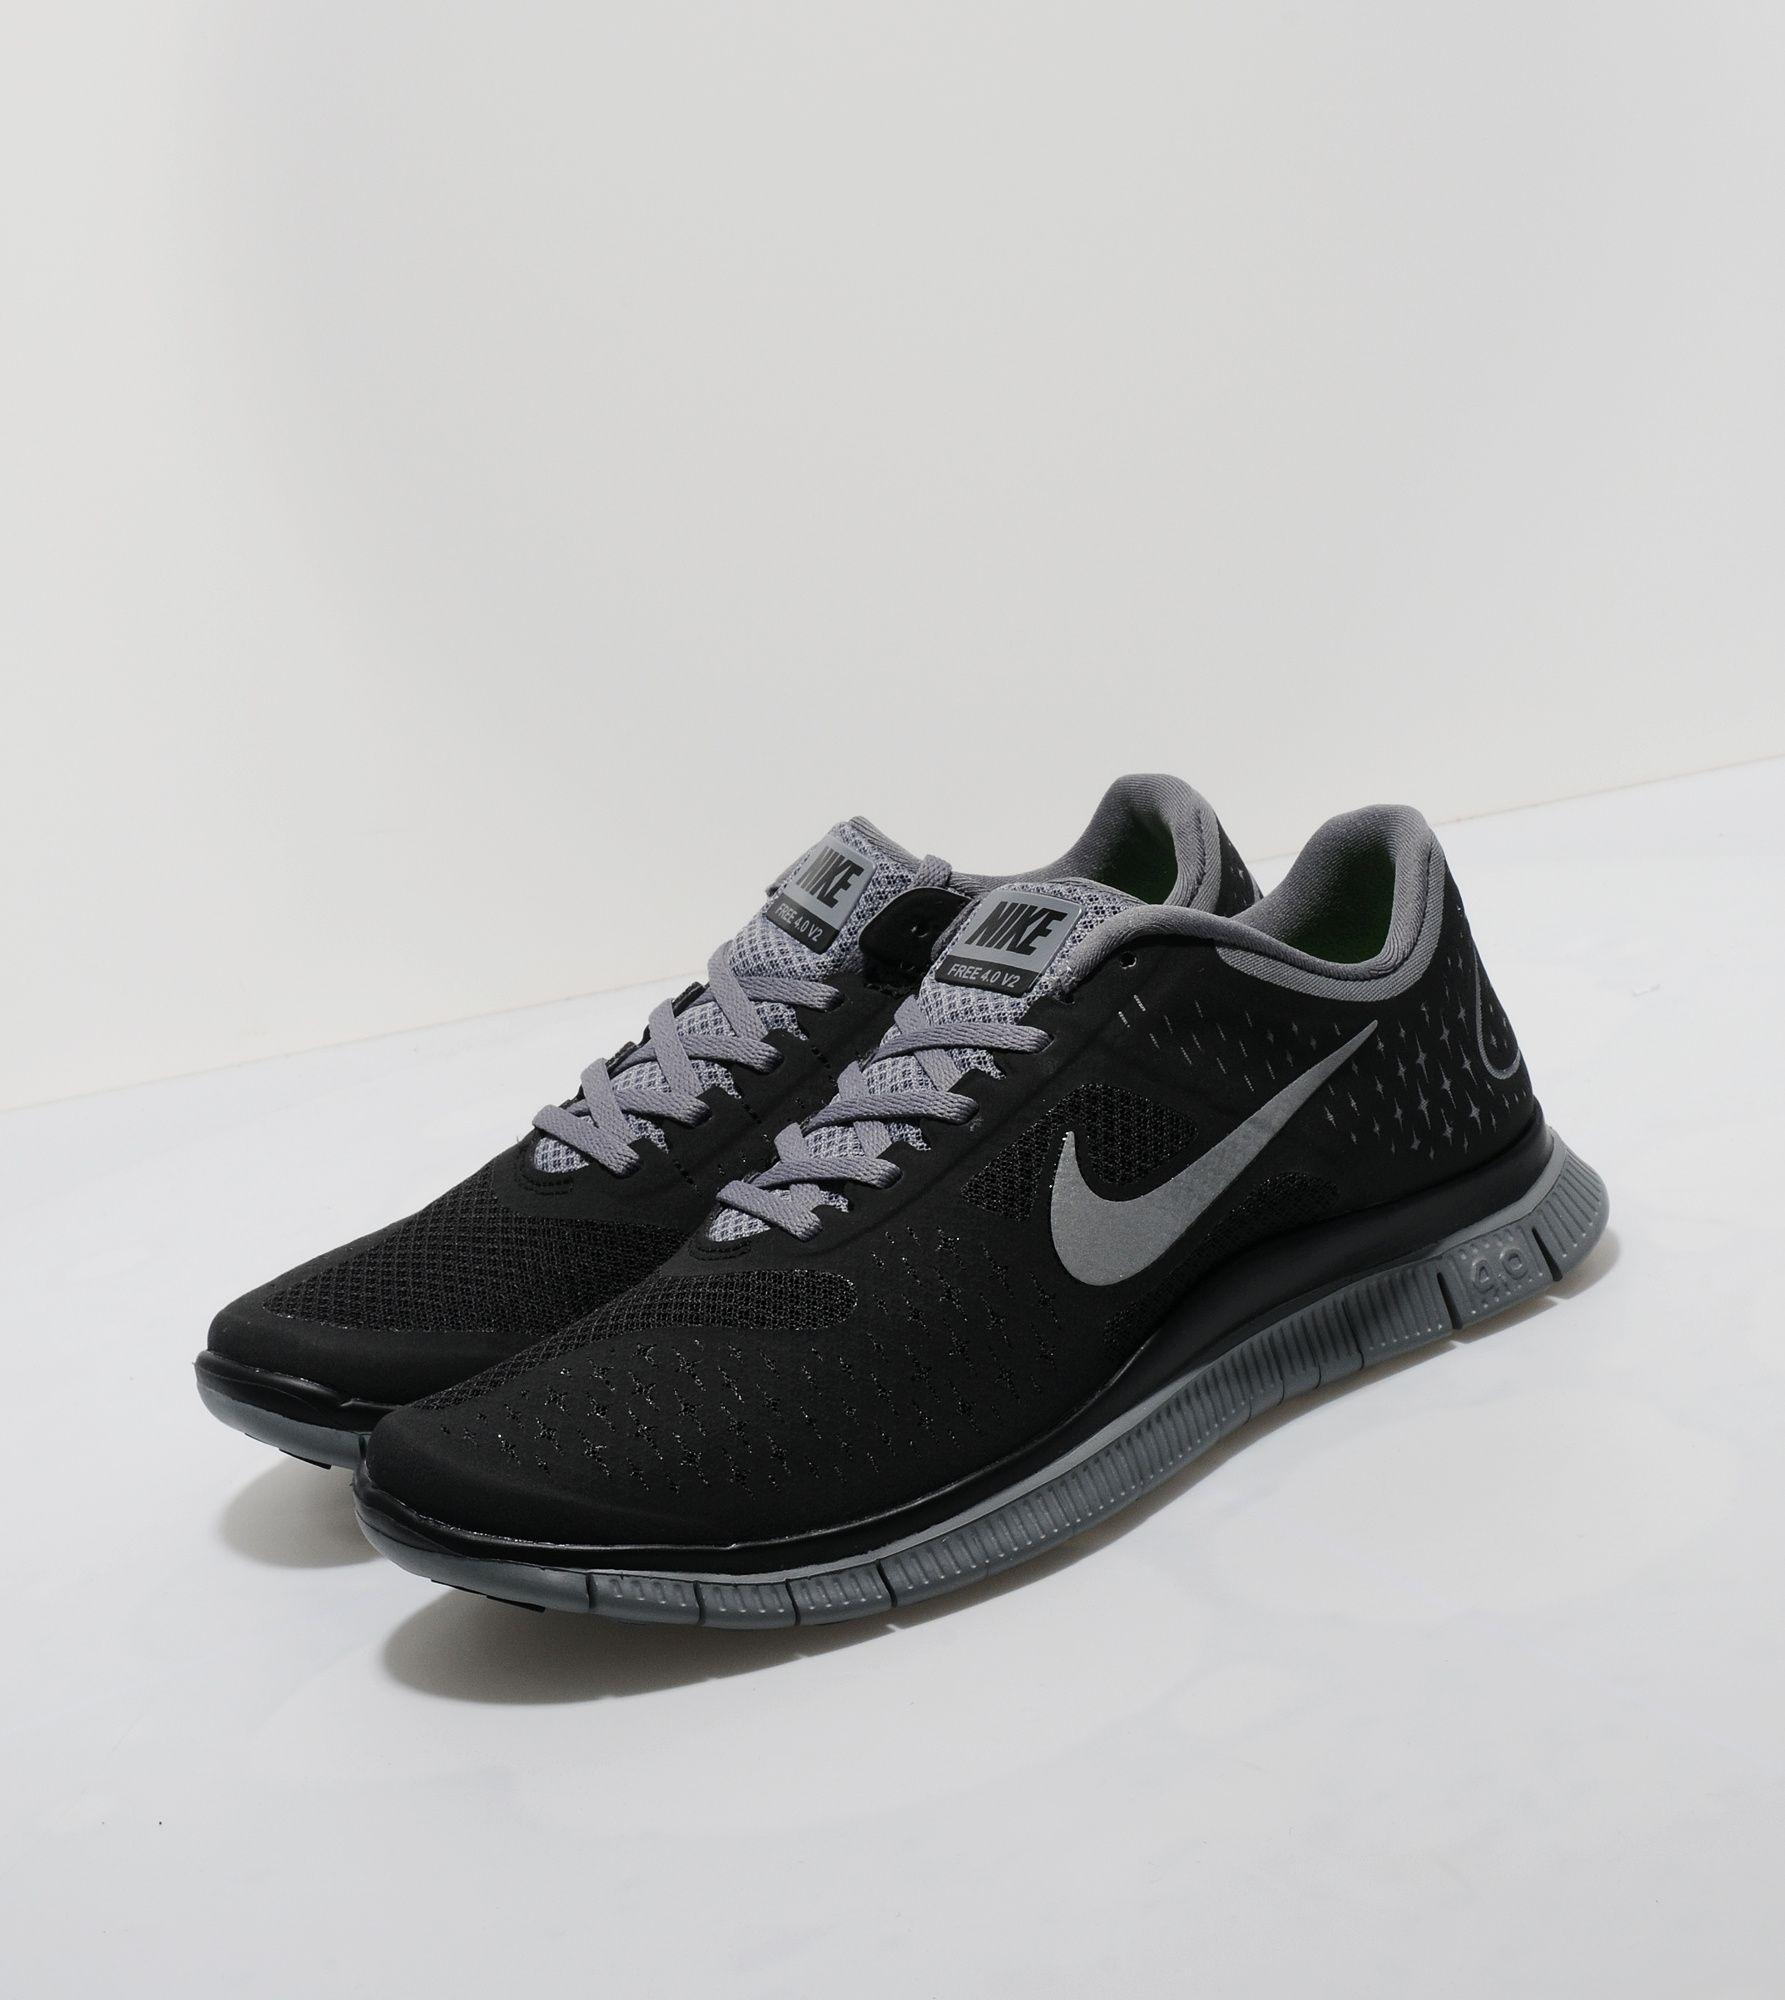 Nike free run 4.0 v2